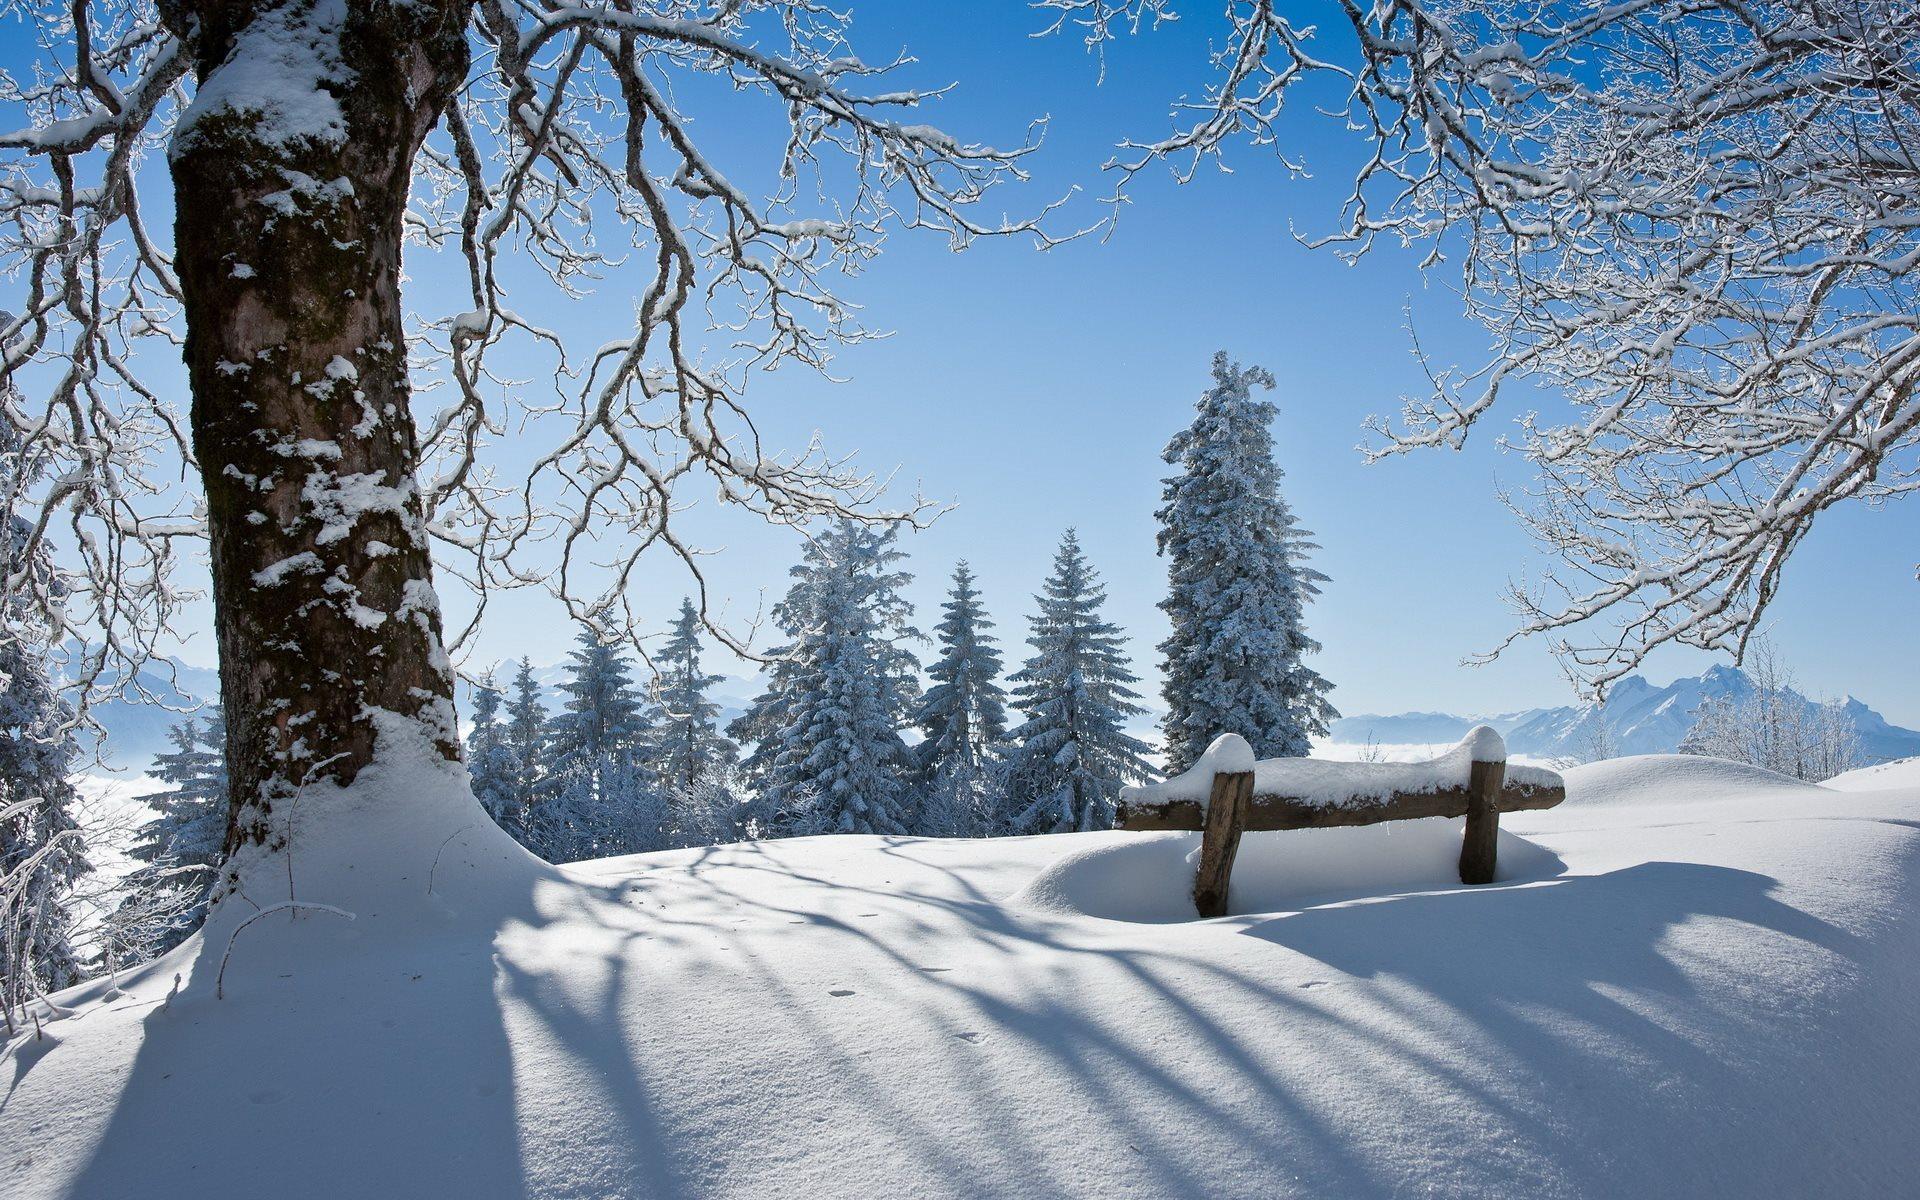 Winter Bench Scenery Hd Desktop Wallpapers 4k Hd